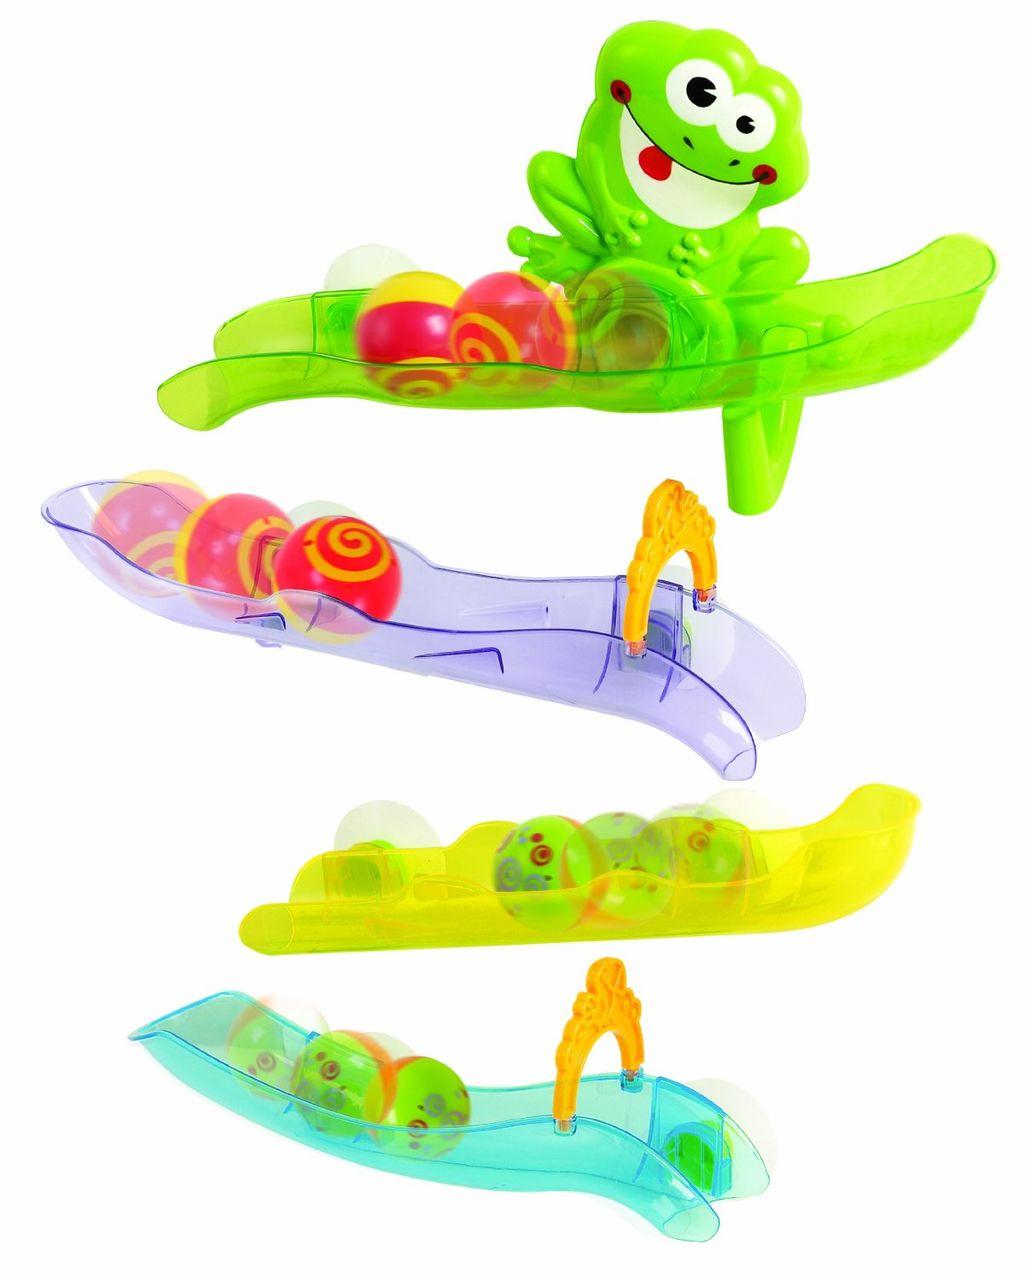 Игрушка развивающая для ванной - Лягушка в аквапаркеИгрушки для ванной<br>Игрушка развивающая для ванной - Лягушка в аквапарке<br>